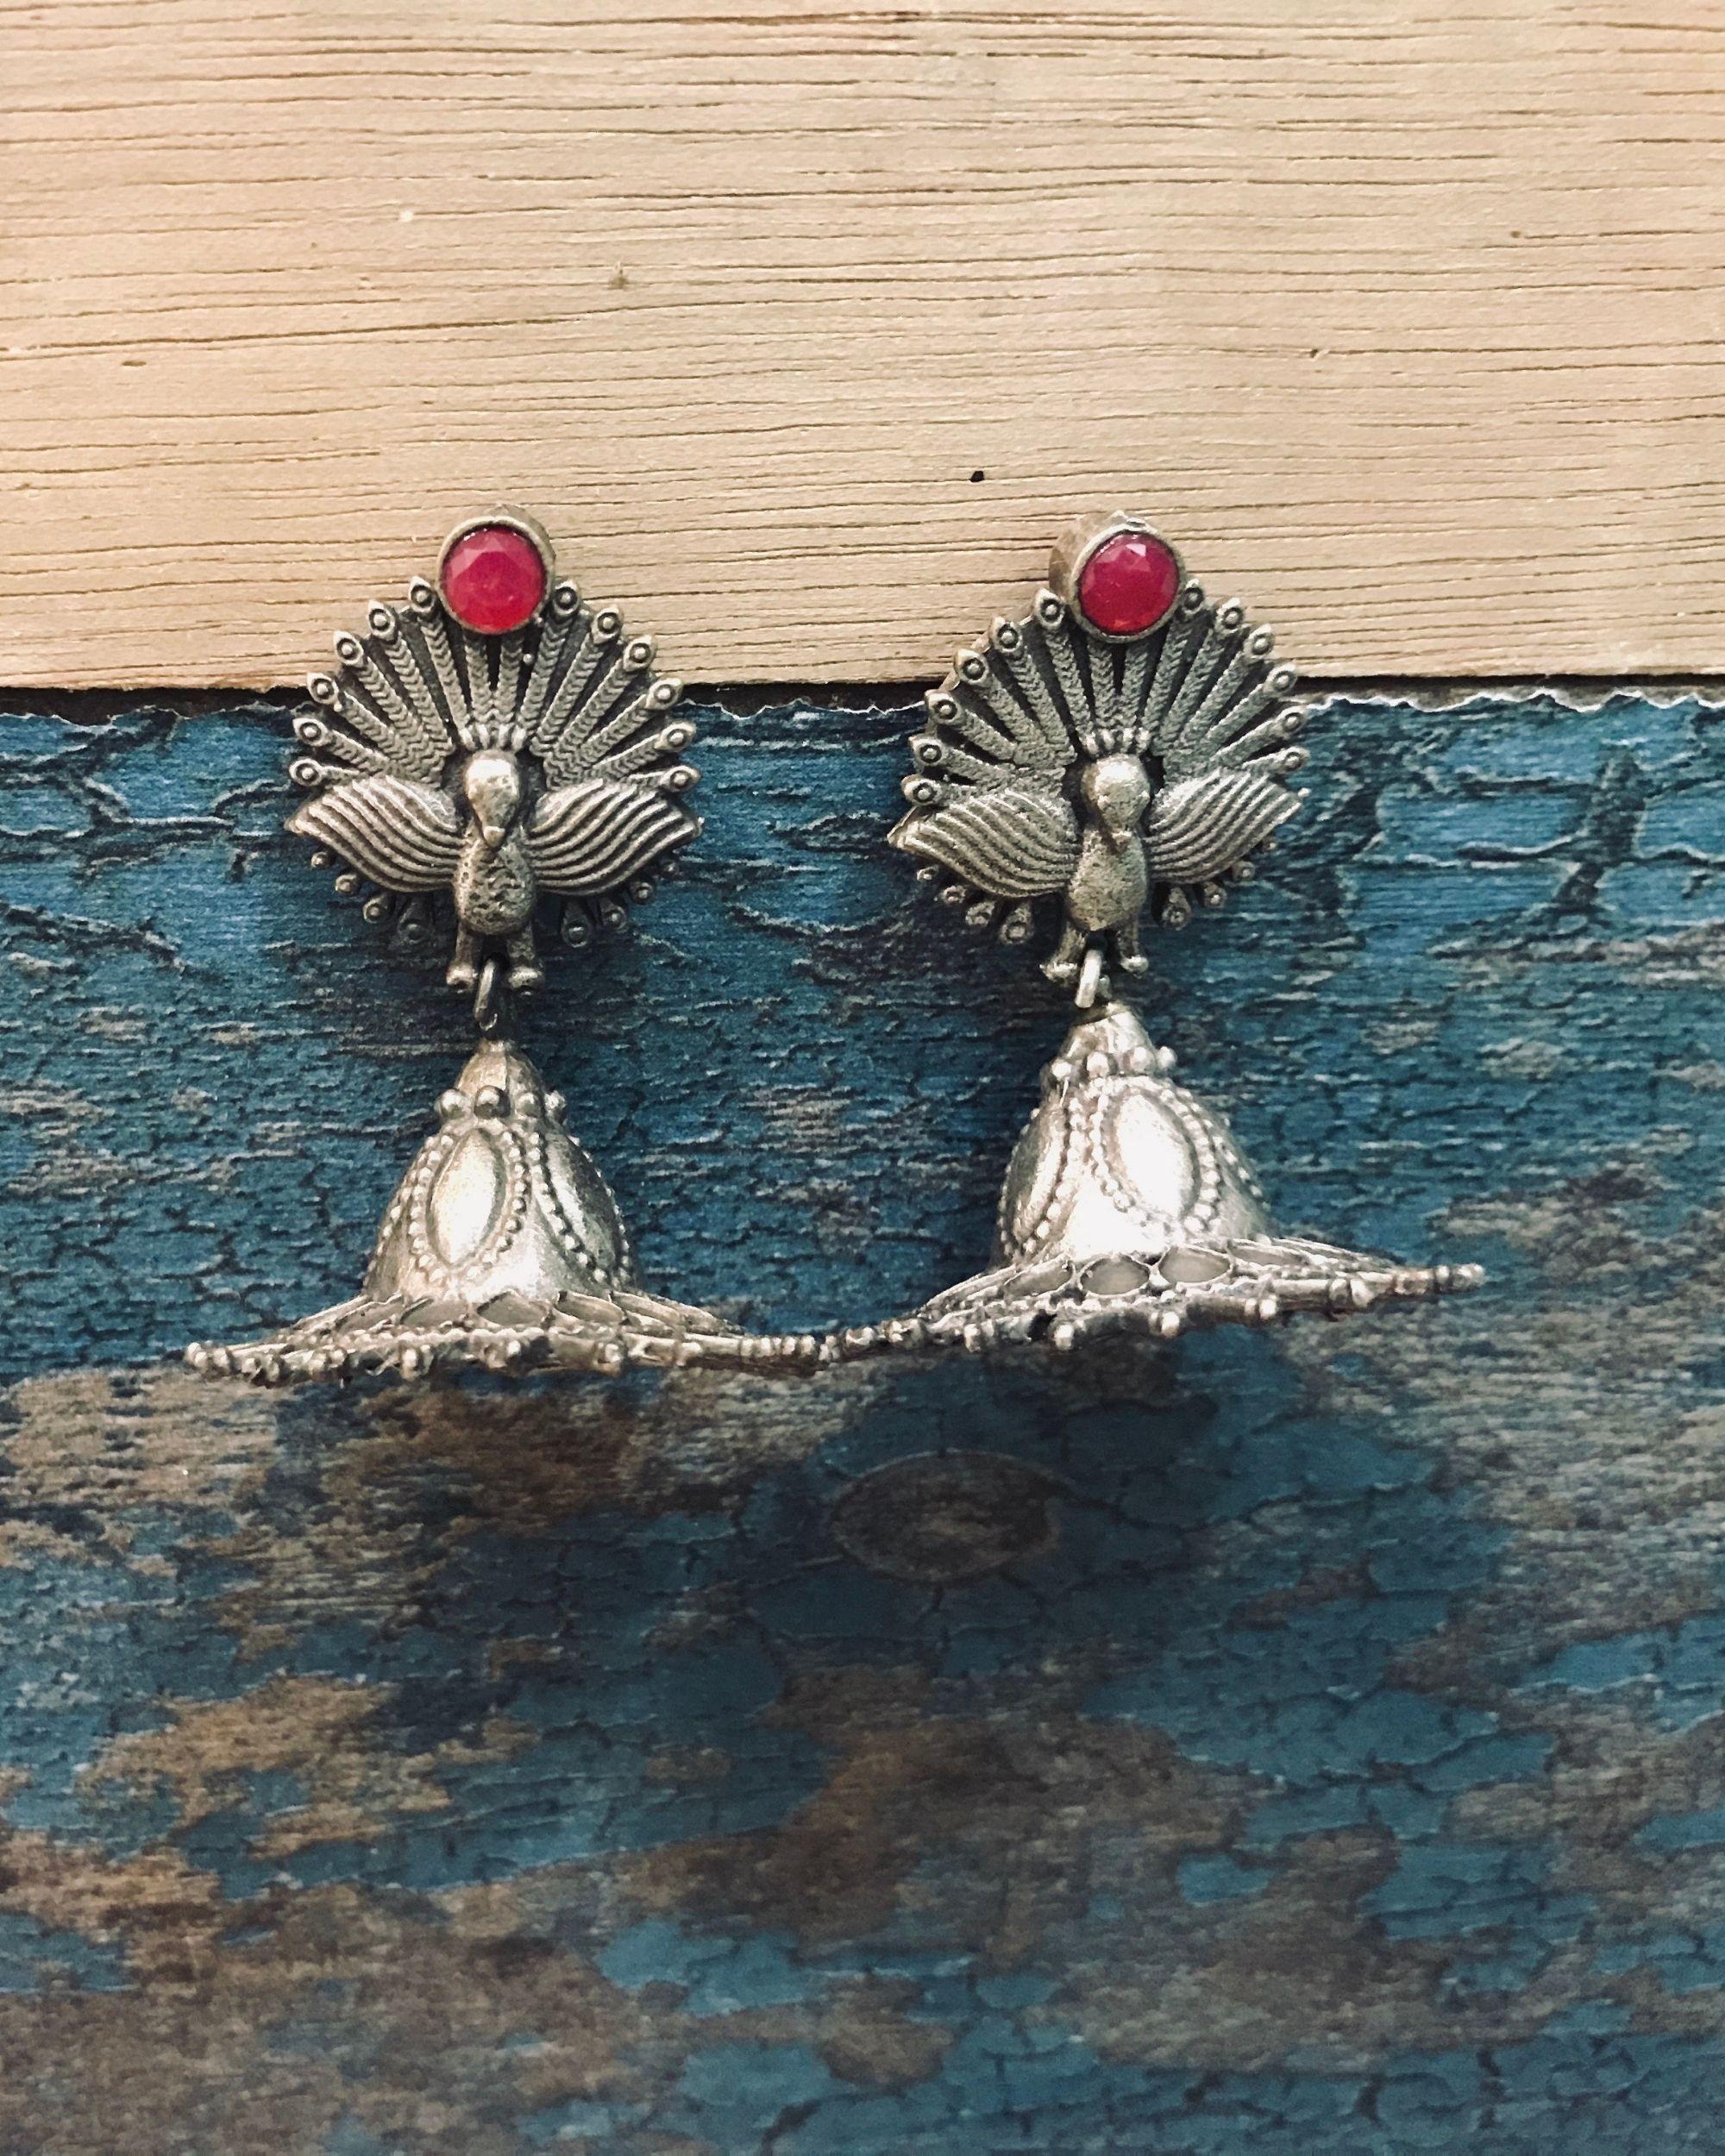 Red stone dancing peacock jhumka